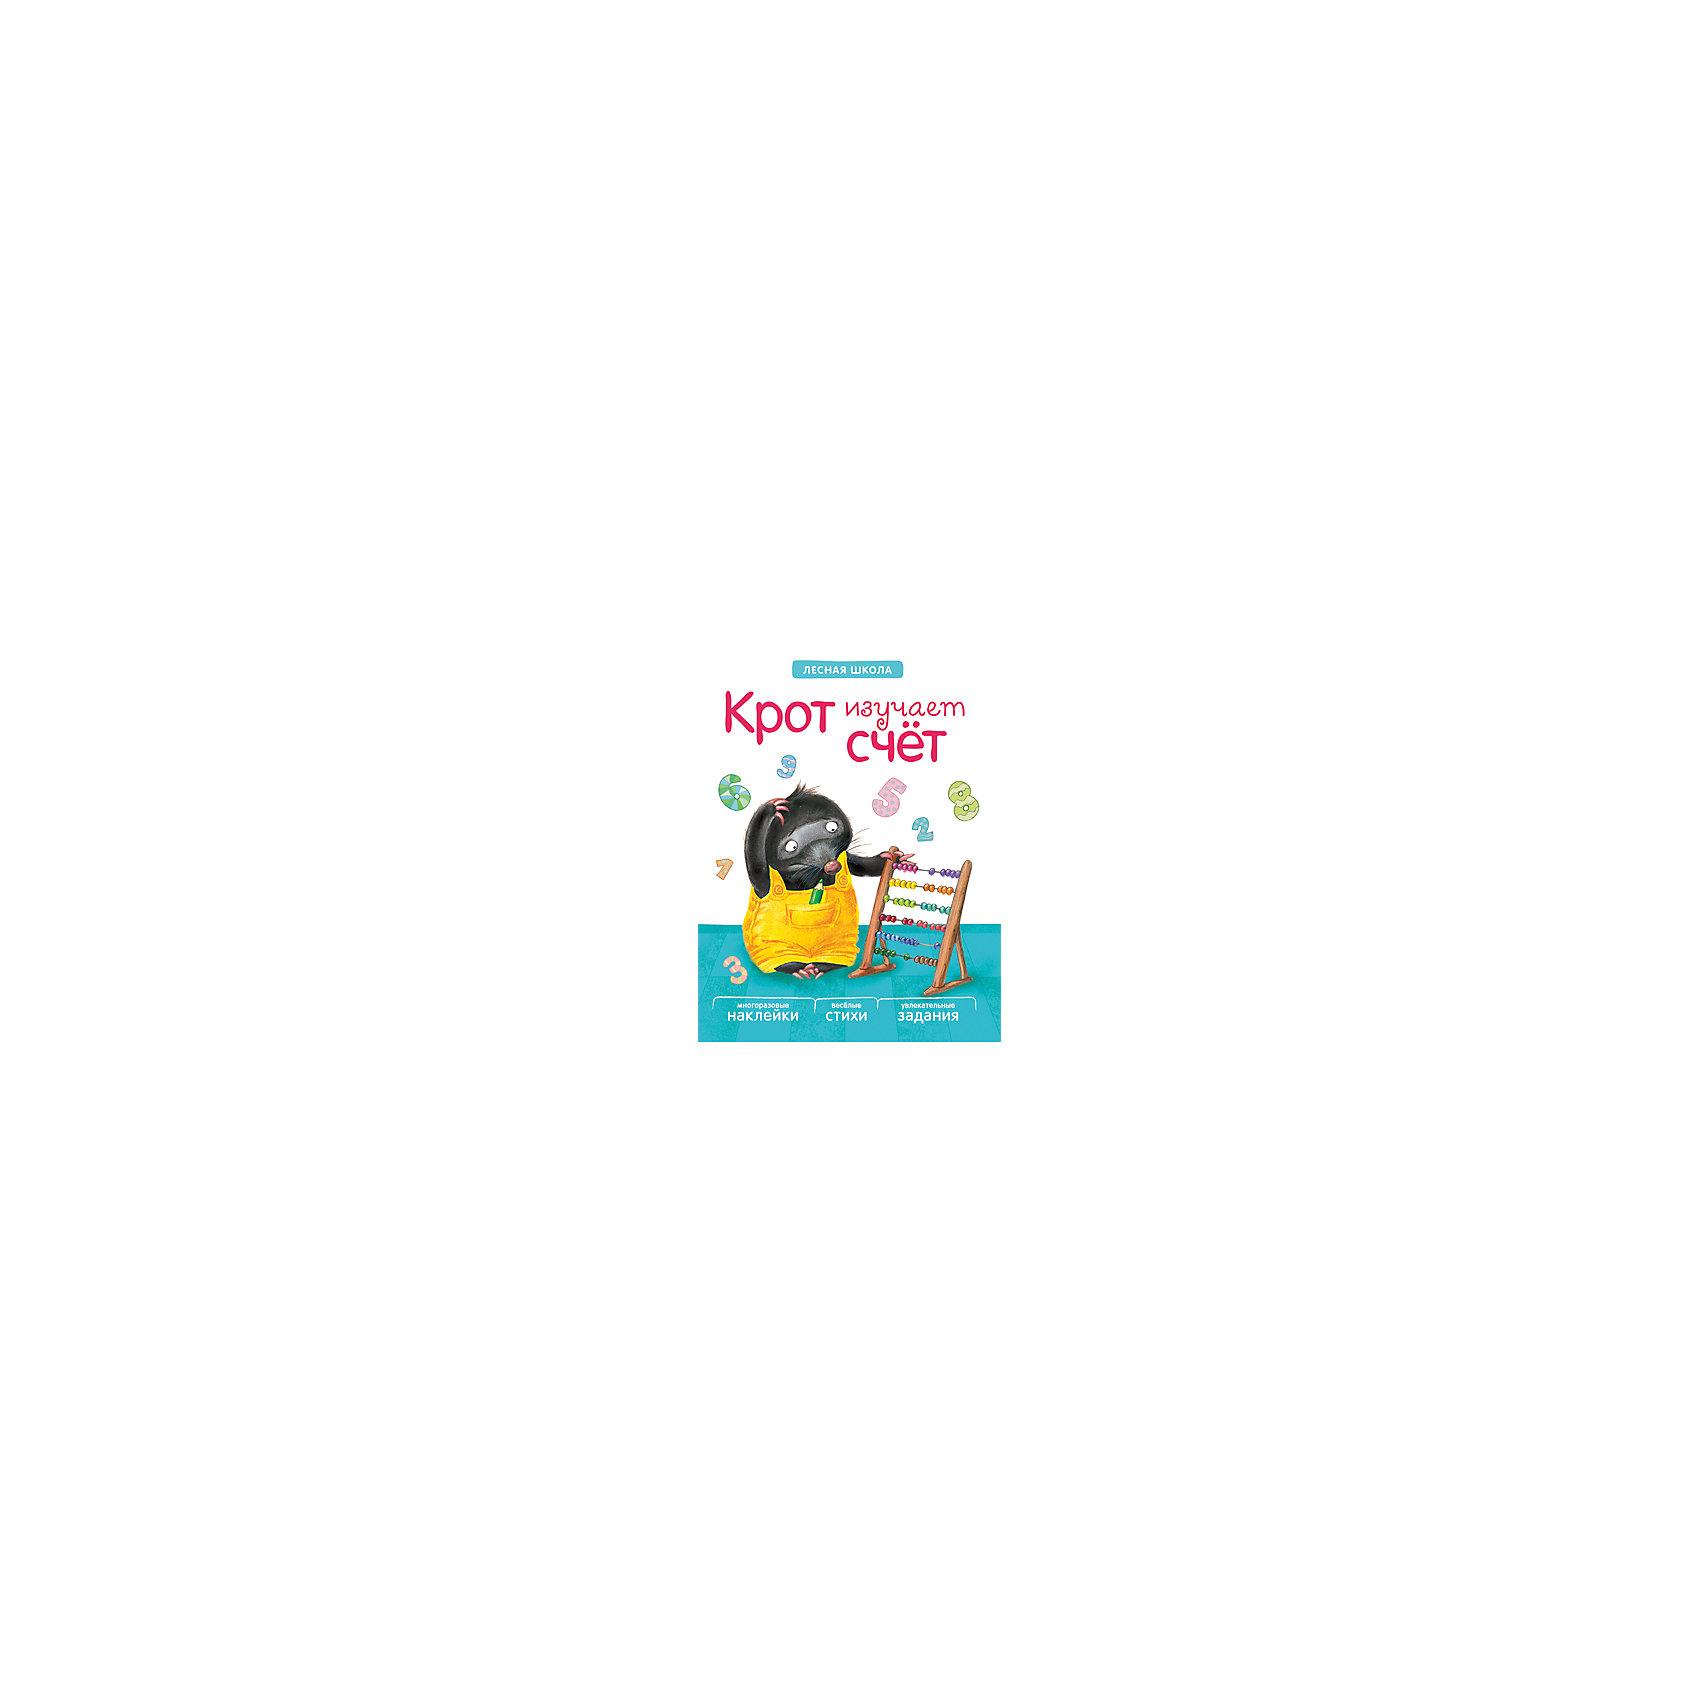 Книга Лесная школа: Крот изучает счетОбучение счету<br>Книга «Лесная школа: Крот изучает счёт»<br><br>Характеристики:<br>• издательство: Мозаика-Синтез;<br>• размер: 20х26 см.;<br>• количество страниц: 18;<br>• тип обложки: мягкая;<br>• иллюстрации: цветные;<br>• ISBN: 9785431508905;<br>• вес: 89 г.;<br>• для детей в возрасте: от 4 до 7 лет;<br>• страна производитель: Россия.<br>Развивающая книжка с наклейками из серии «Лесная школа» предназначена для занятий с детьми и обучению счёту до 10. Книга с яркими рисунками на всю страницу наполнена стихотворениями, интересными заданиями и подразумевает использование наклеек из комплекта. Интересная история о кроте позволит ребёнку выучить цифры и счёт, а также принимать участие по ходу рассказа с помощью наклеек и заданий. Наклейки из набора качественно проработаны и могут быть наклеены несколько раз. Занимаясь с этой книжкой дети смогут развивать мелкую моторику рук, логическое мышление, чувство цвета, творческие способности. Слушая сказки и отвечая на вопросы дети развивают память, словарный запас, учатся правильно формировать и строить предложения, запоминают основные правила русского языка.<br>Книгу «Лесная школа: Крот изучает счёт» можно купить в нашем интернет-магазине.<br><br>Ширина мм: 20<br>Глубина мм: 195<br>Высота мм: 255<br>Вес г: 96<br>Возраст от месяцев: 48<br>Возраст до месяцев: 84<br>Пол: Унисекс<br>Возраст: Детский<br>SKU: 5562632